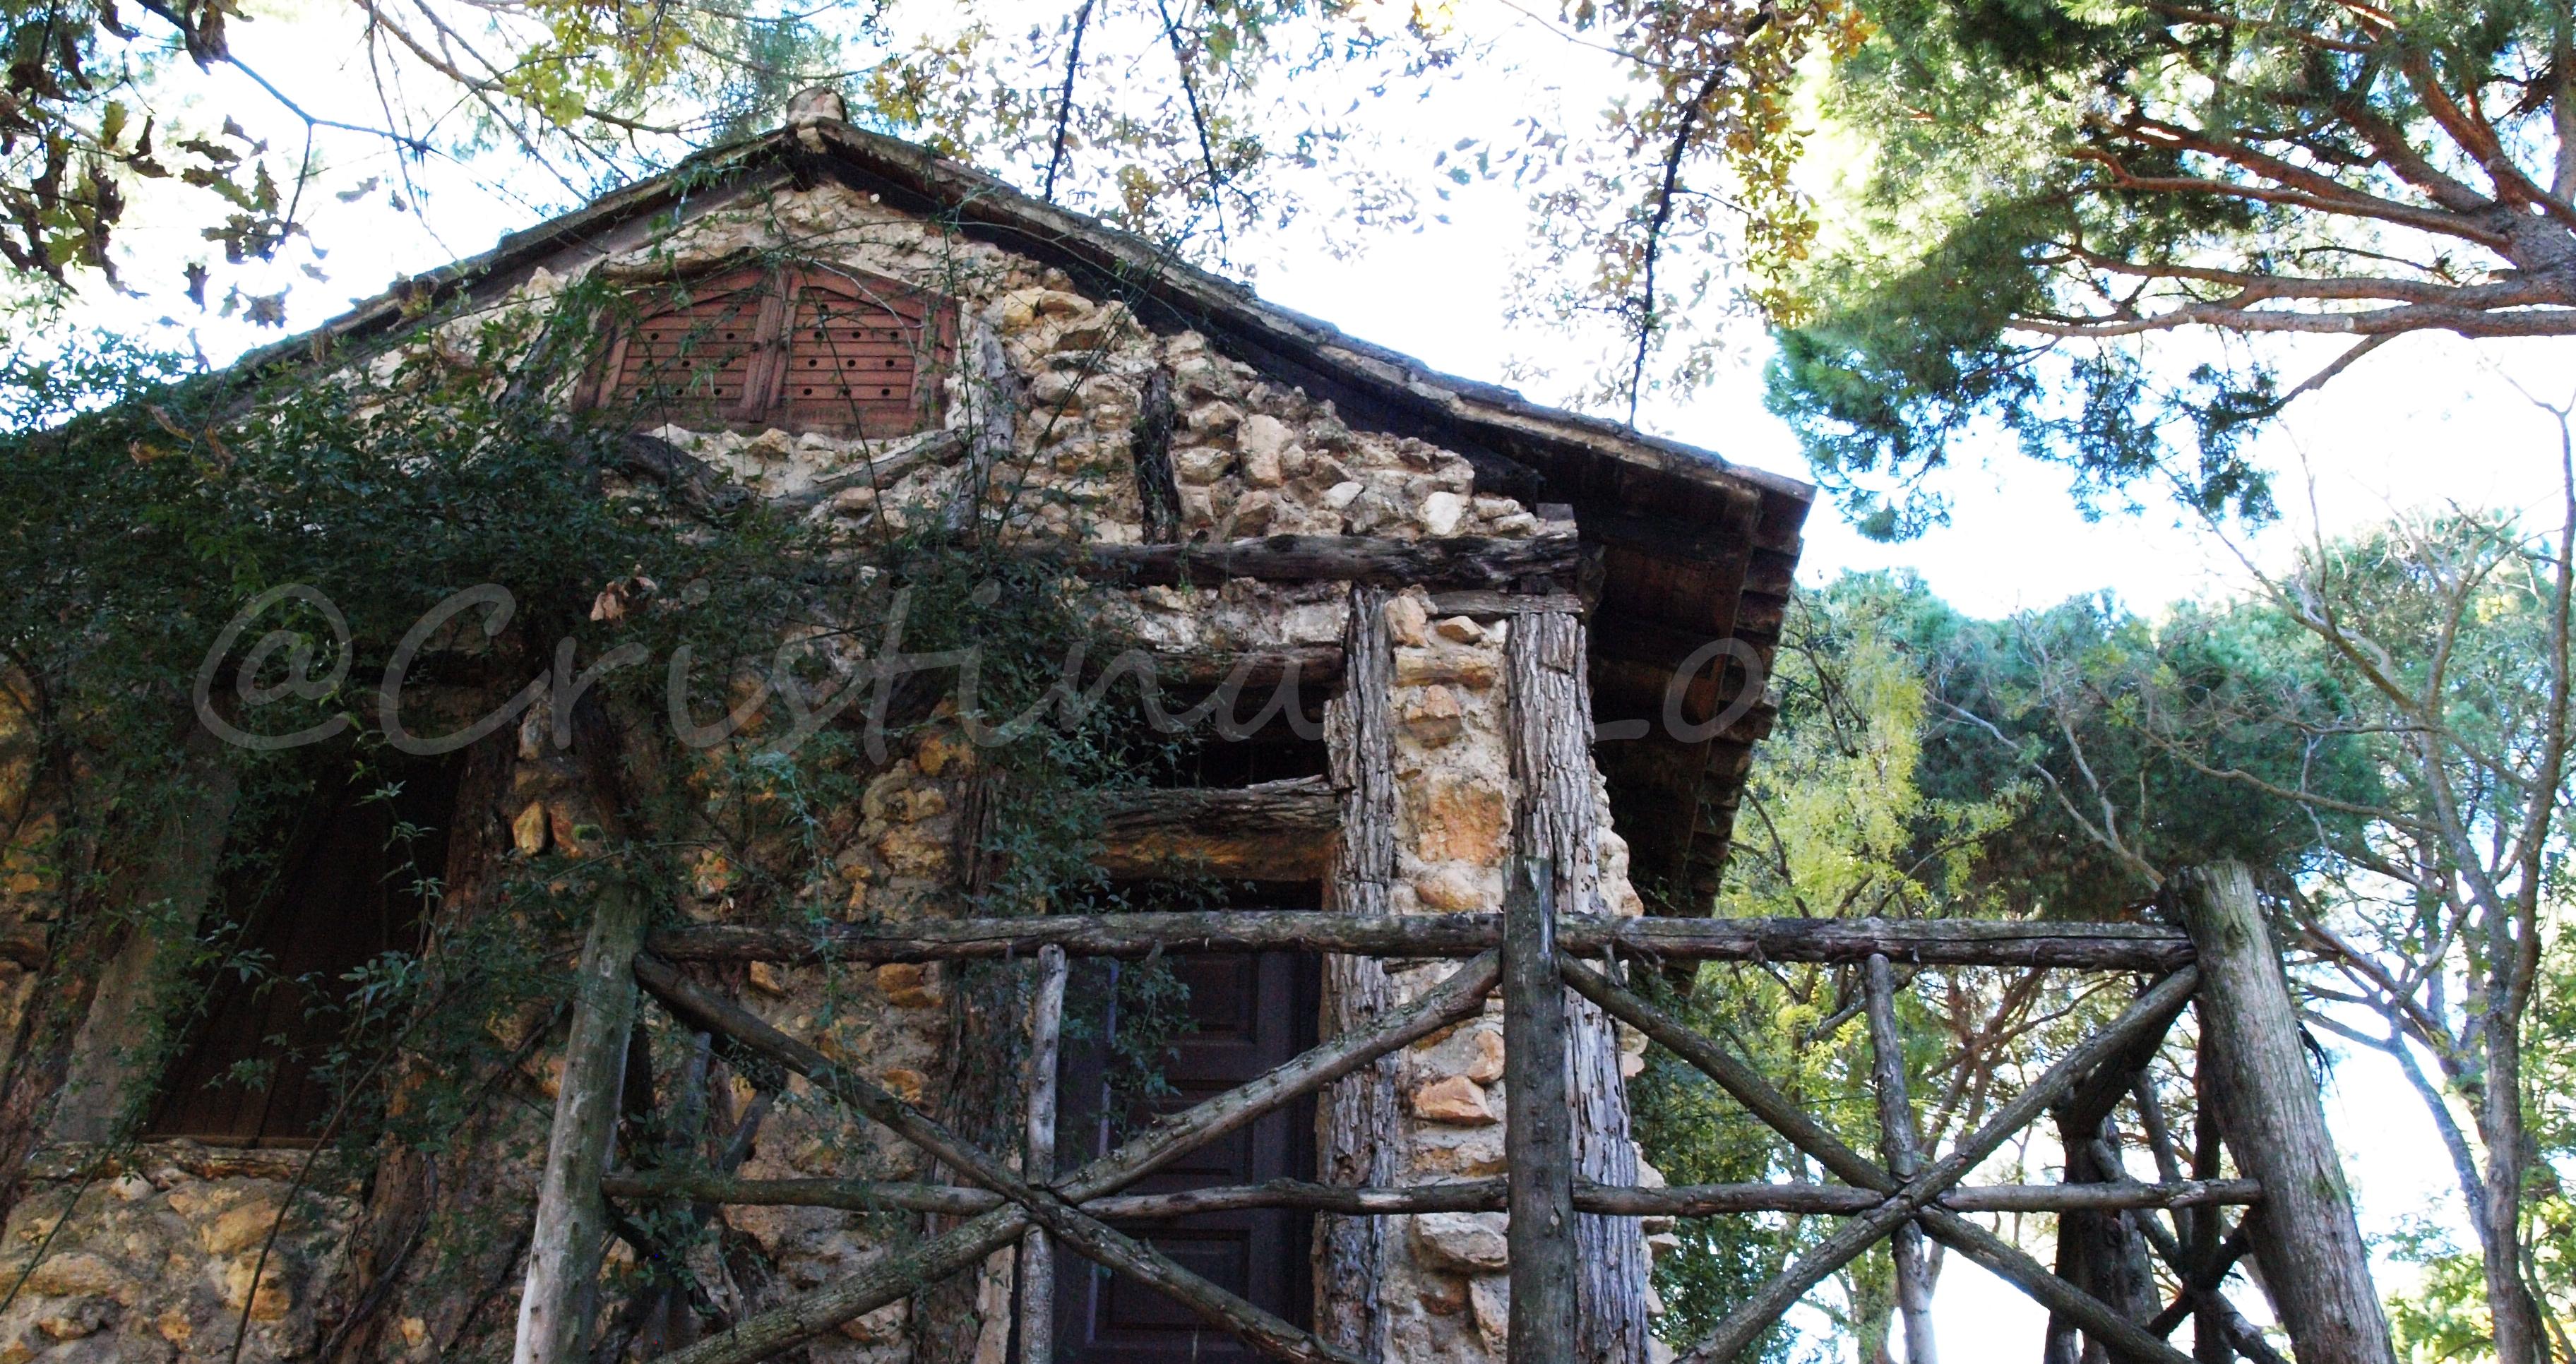 El capricho el nico parque de madrid que dedica un templo al dios del vino viaja en mi mochila - La casa del parque ...